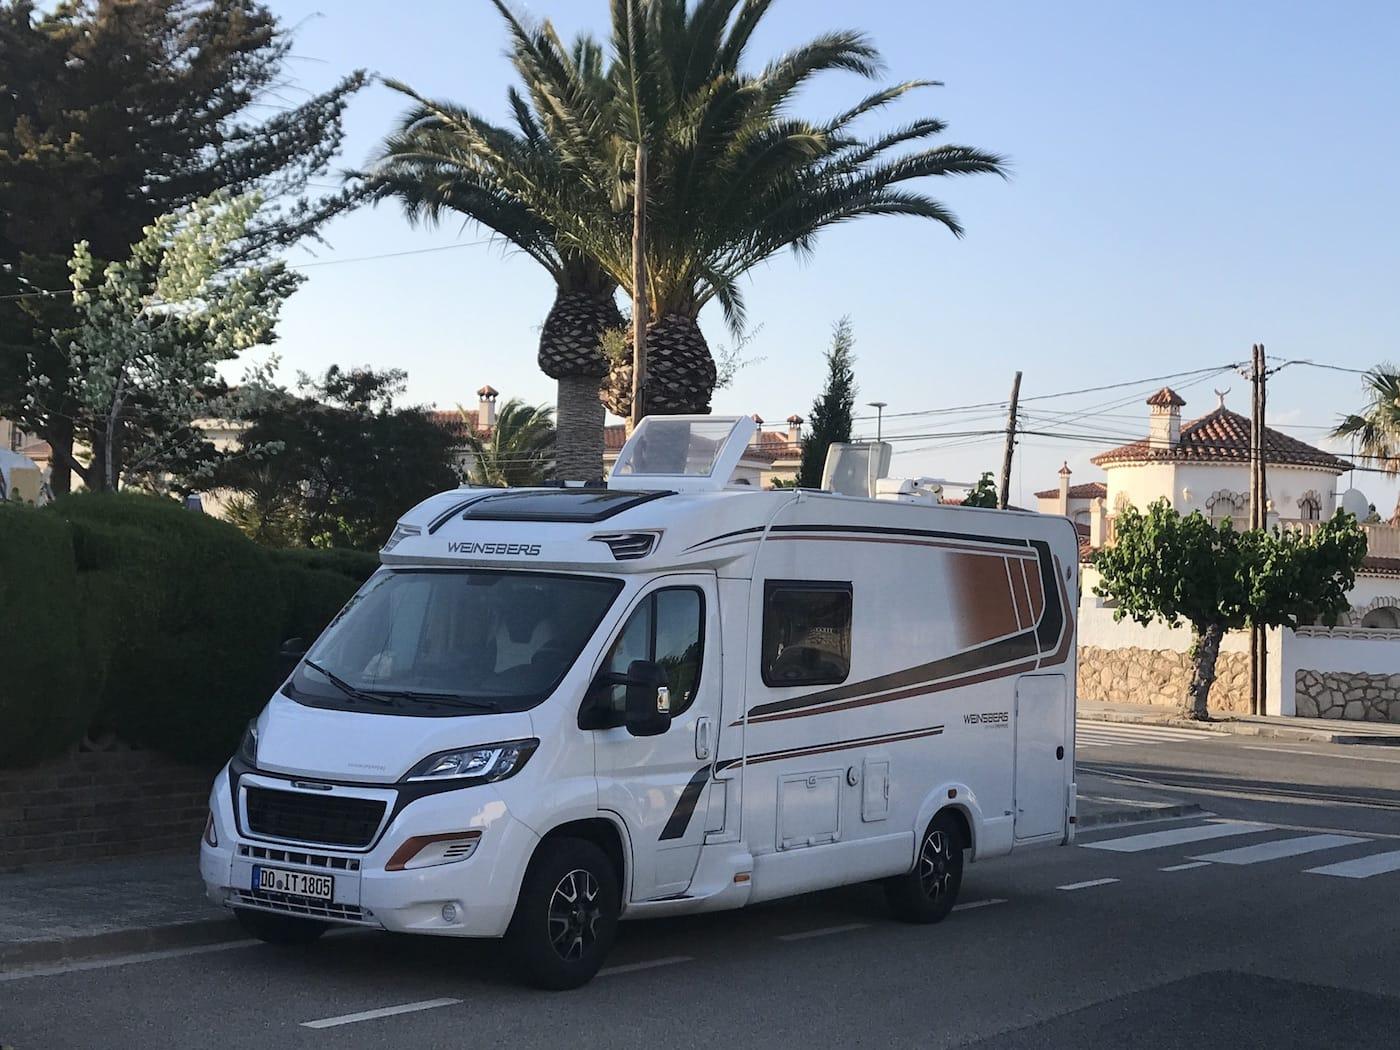 Wildes campen in Spanien